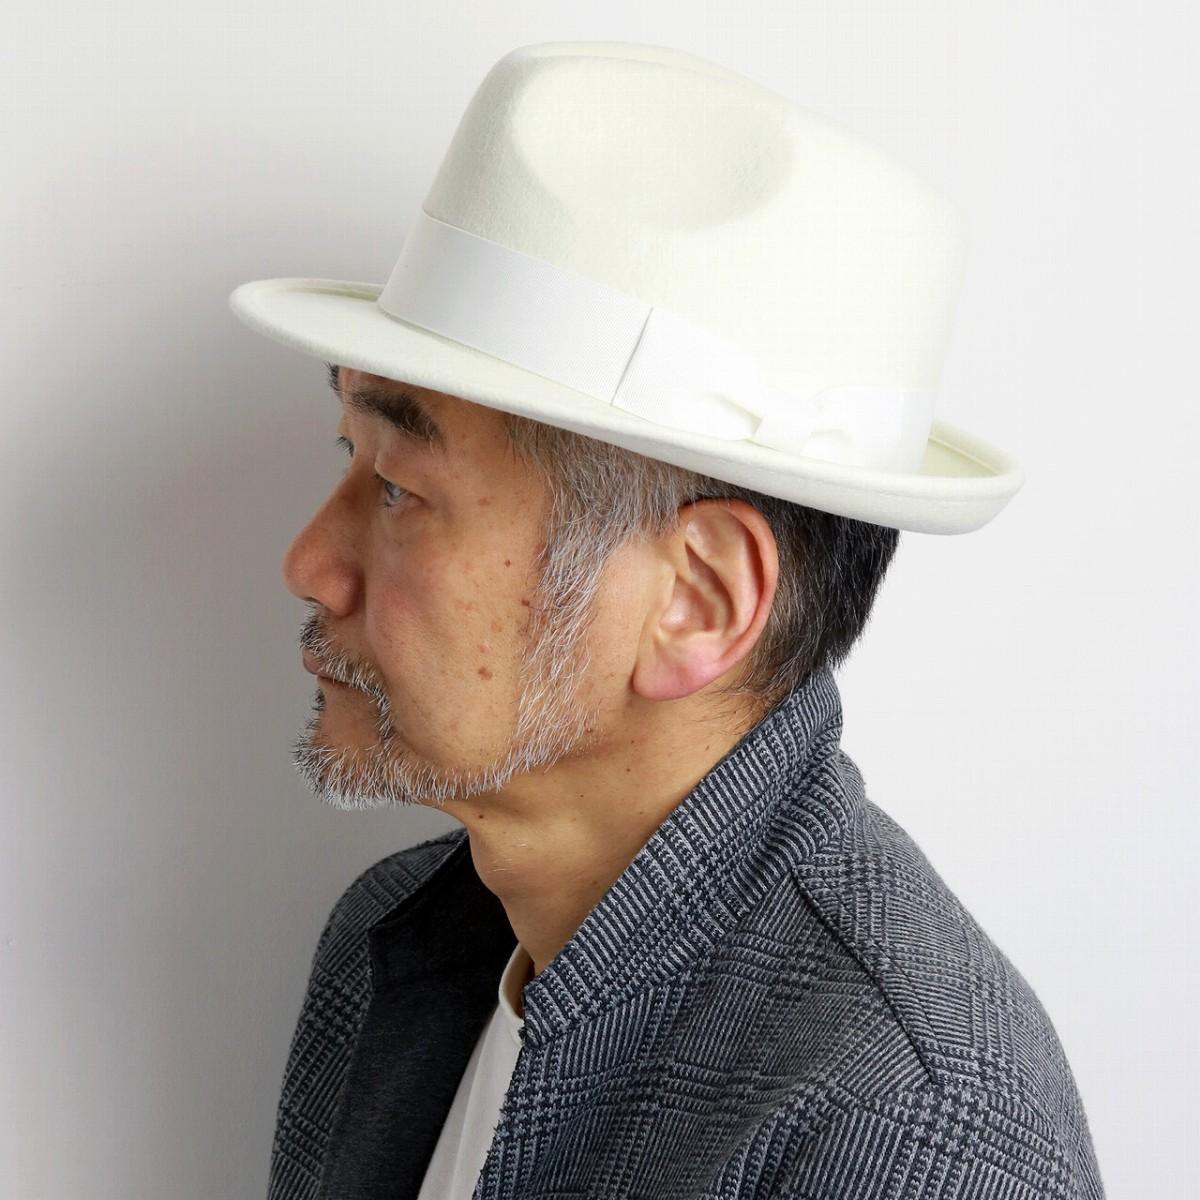 c17c20fa6de4f SCALA hat felt men scalar hat Shin pull plain fabric wool felt size M L XL  trilby hat   white ivory  fedora  which a soft felt hat gentleman has a big  in ...